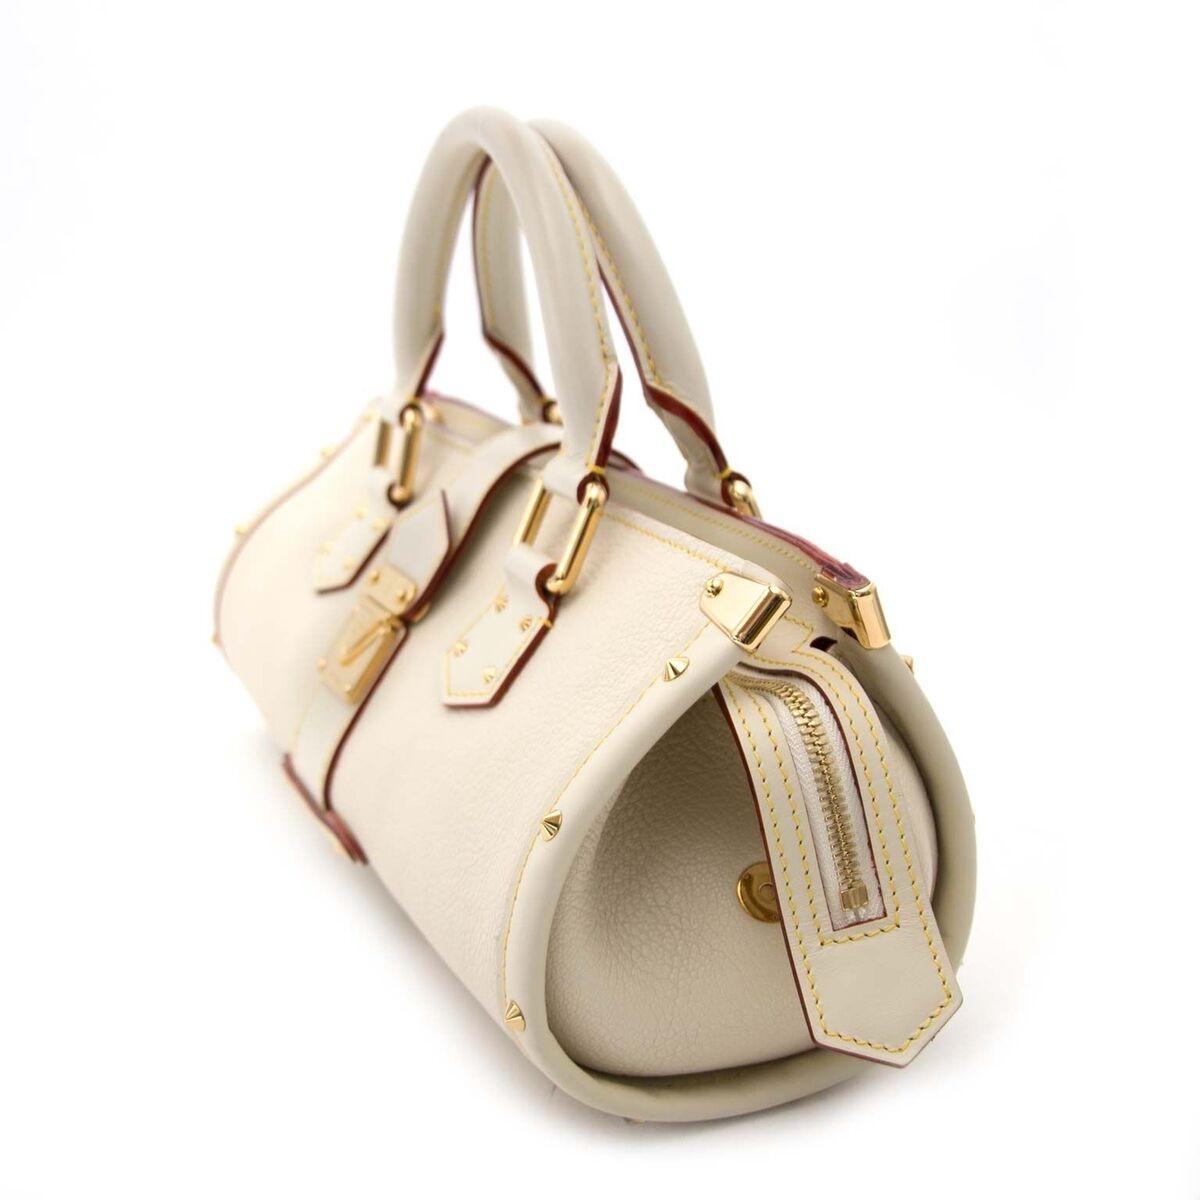 Koop authentieke tweedehands Louis Vuitton Suhali tas aan een eerlijke prijs bij LabelLOV. Veilig online shoppen.